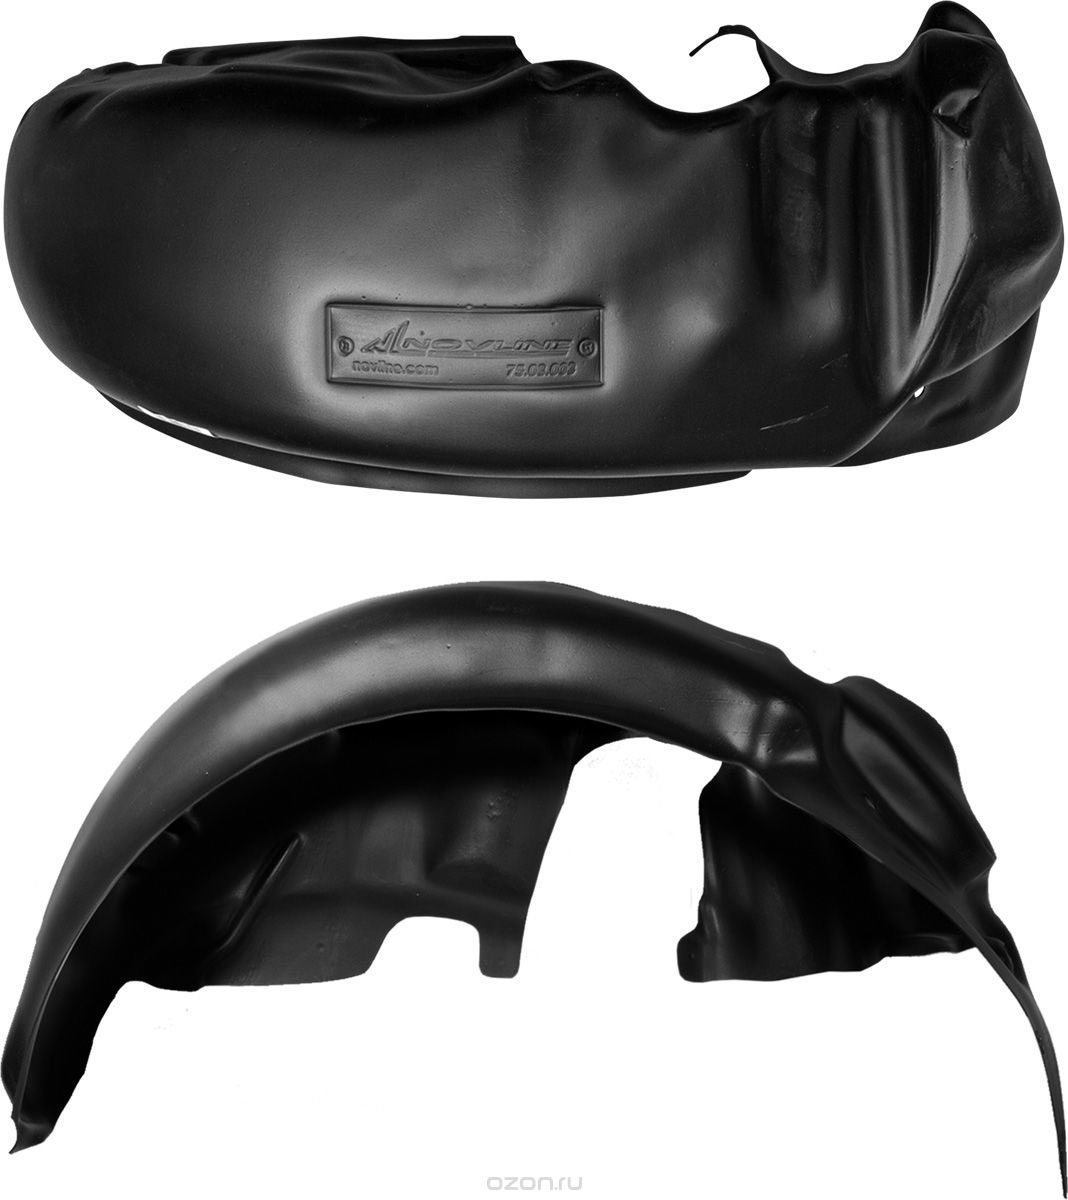 Подкрылок Novline-Autofamily, для Haval H8, 09/2015->, передний левыйNLL.99.04.001Идеальная защита колесной ниши. Локеры разработаны с применением цифровых технологий, гарантируют максимальную повторяемость поверхности арки. Изделия устанавливаются без нарушения лакокрасочного покрытия автомобиля, каждый подкрылок комплектуется крепежом. Уважаемые клиенты, обращаем ваше внимание, что фотографии на подкрылки универсальные и не отражают реальную форму изделия. При этом само изделие идет точно под размер указанного автомобиля.